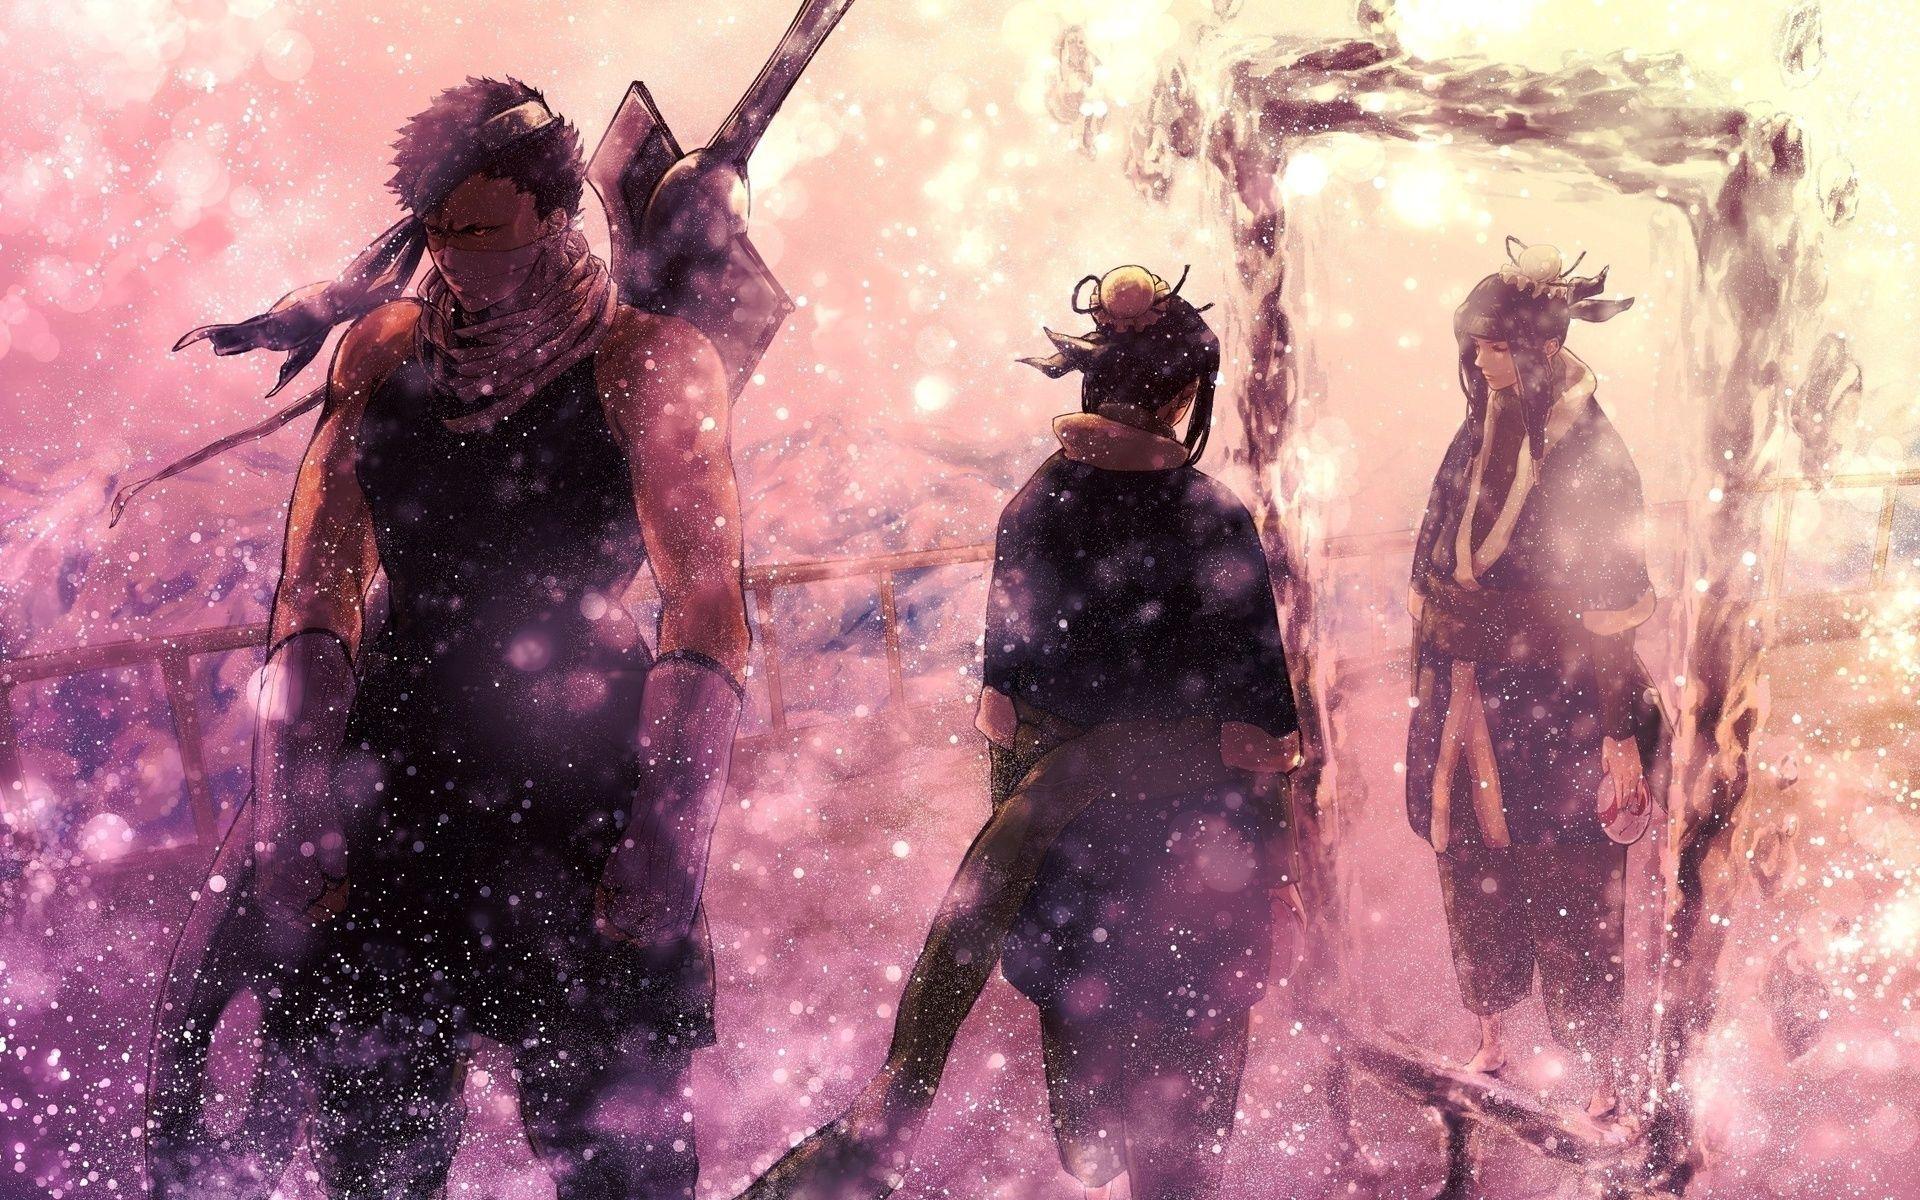 Zabuza And Haku Naruto Images Anime Naruto Naruto